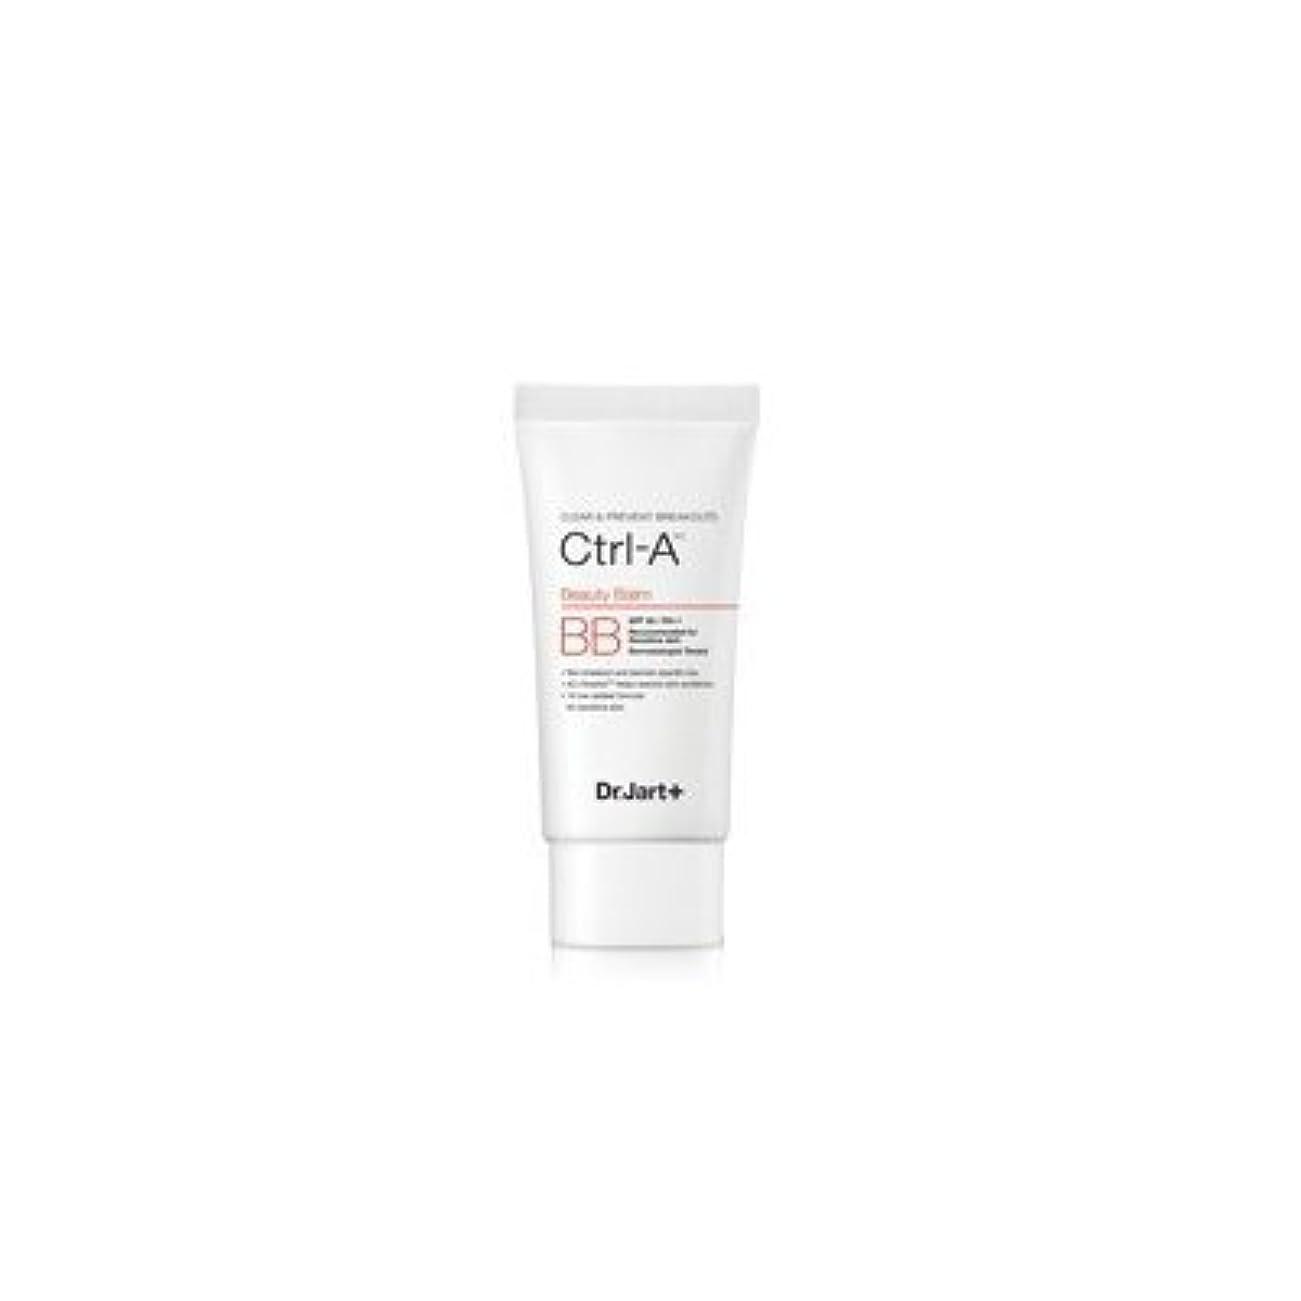 適切に以下のためKOREAN COSMETICS, Dr.jart + _Ctrl-A Beauty Balm 40ml (Mild BB cream for sensitive skin, UV protection SPF30/PA...